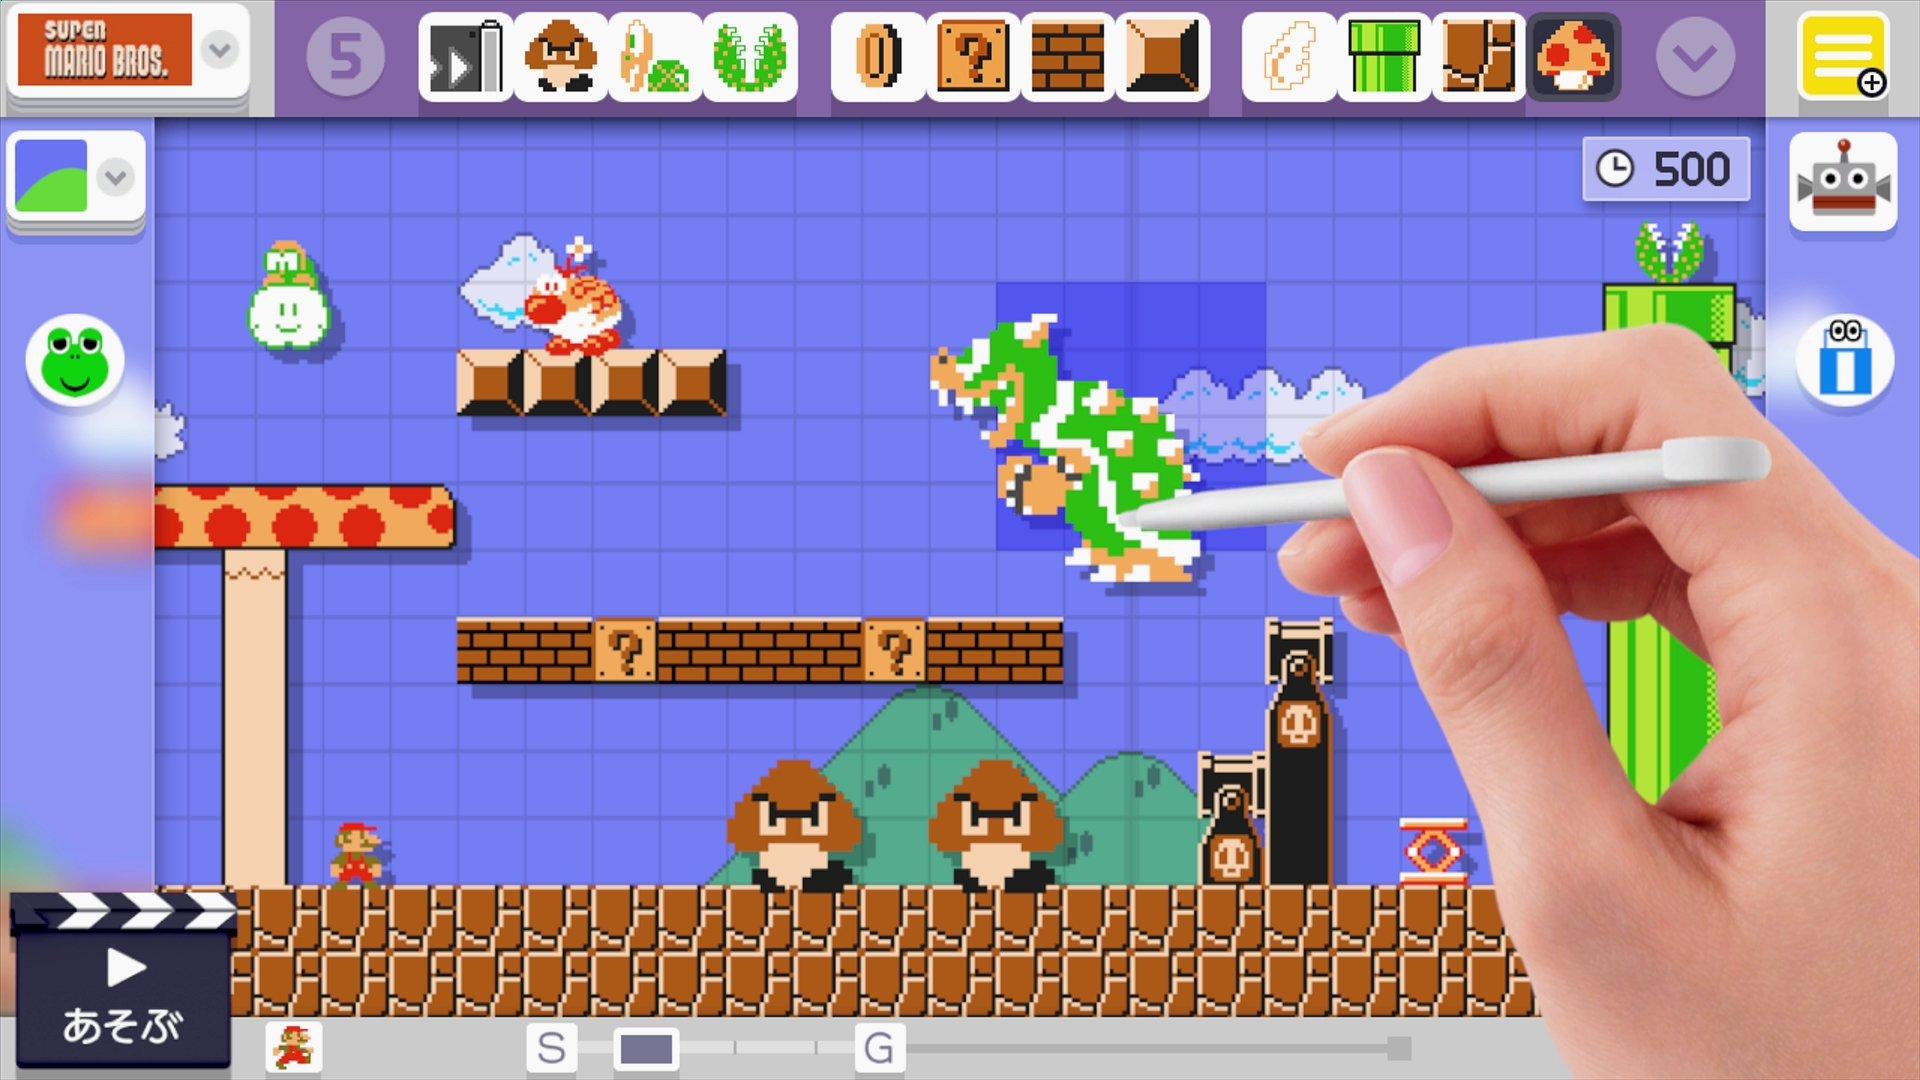 Wii Uのみならず、3DSにも展開された「スーパーマリオメーカー」。「スーパーマリオ」を知らないような若い世代にも2Dアクションの楽しさを気づかせ、ステージを作る楽しさを教えてくれた作品だ